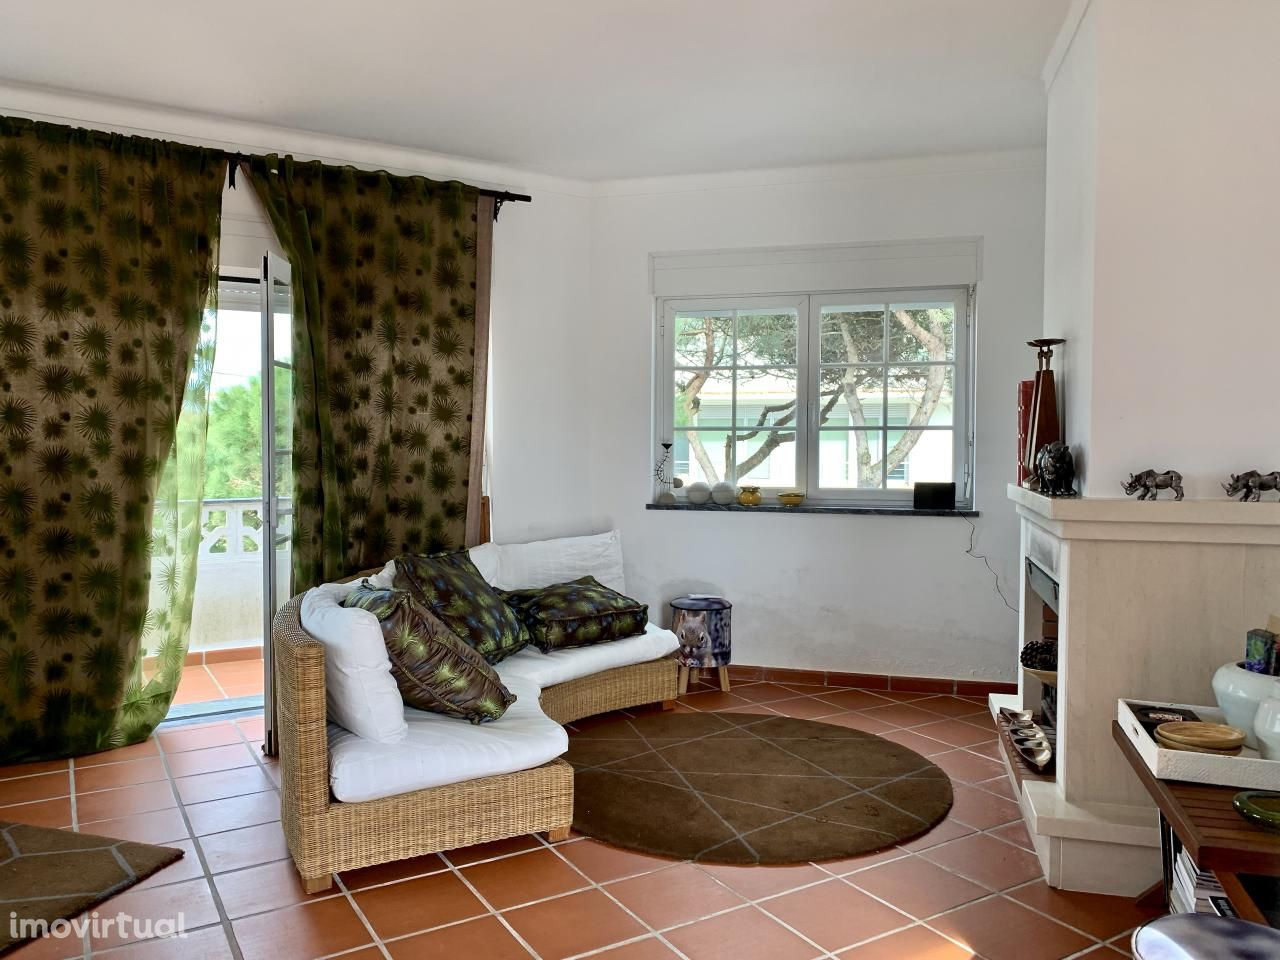 Apartamento para comprar, Amoreira, Óbidos, Leiria - Foto 2